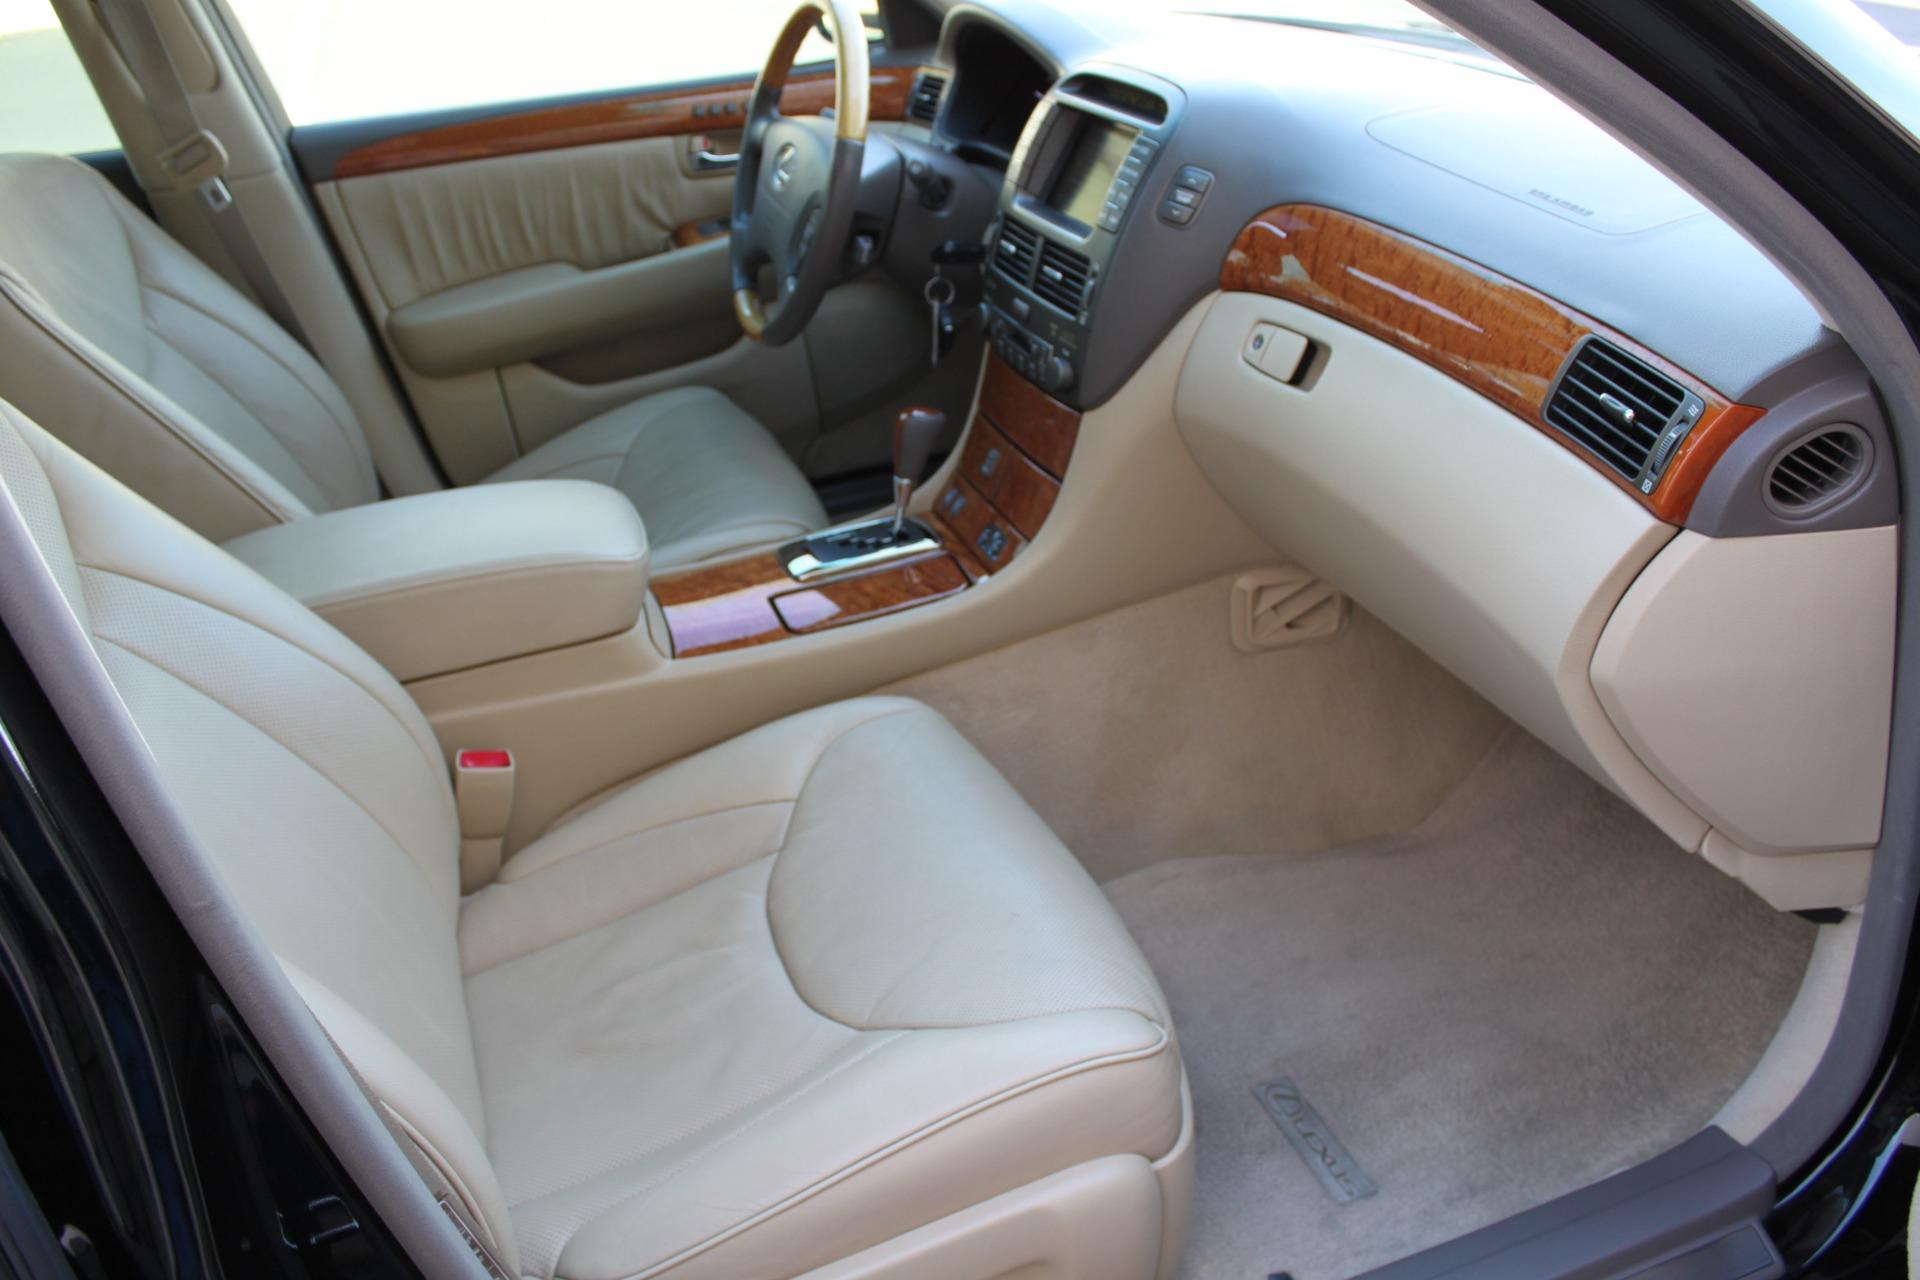 Used-2005-Lexus-LS-430-BMW